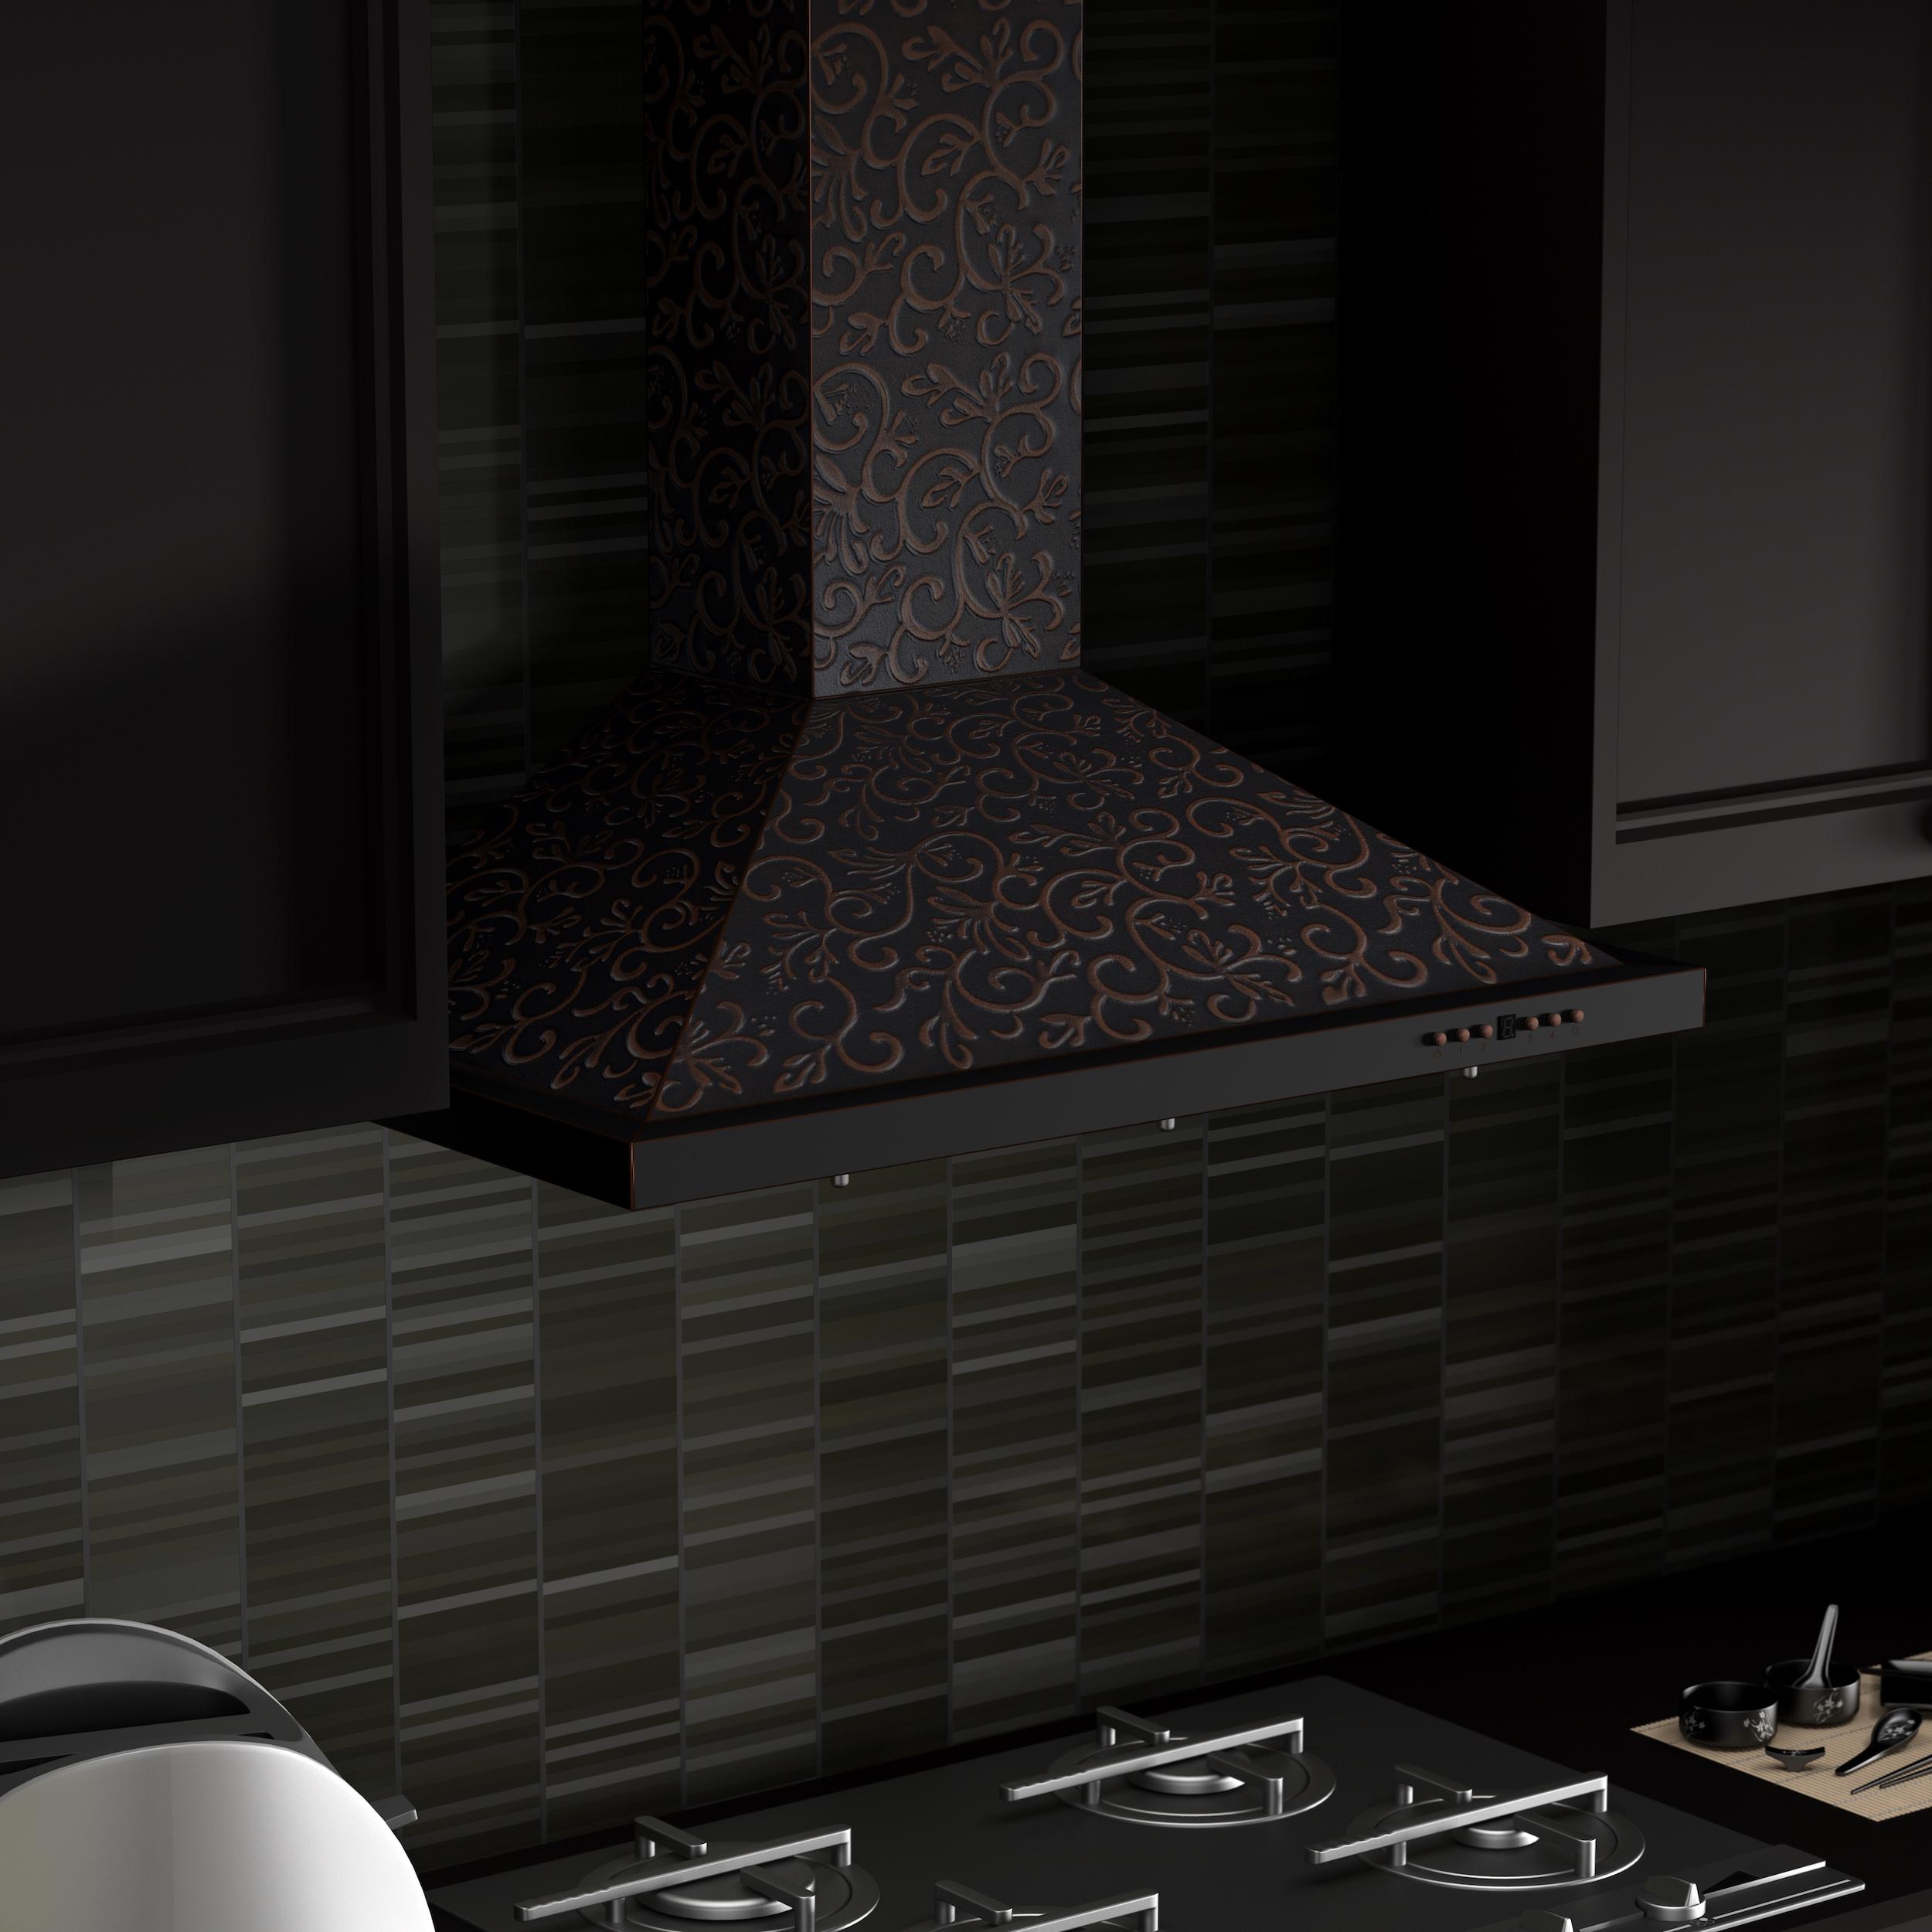 zline-copper-wall-mounted-range-hood-8KBF-detail 1.jpg